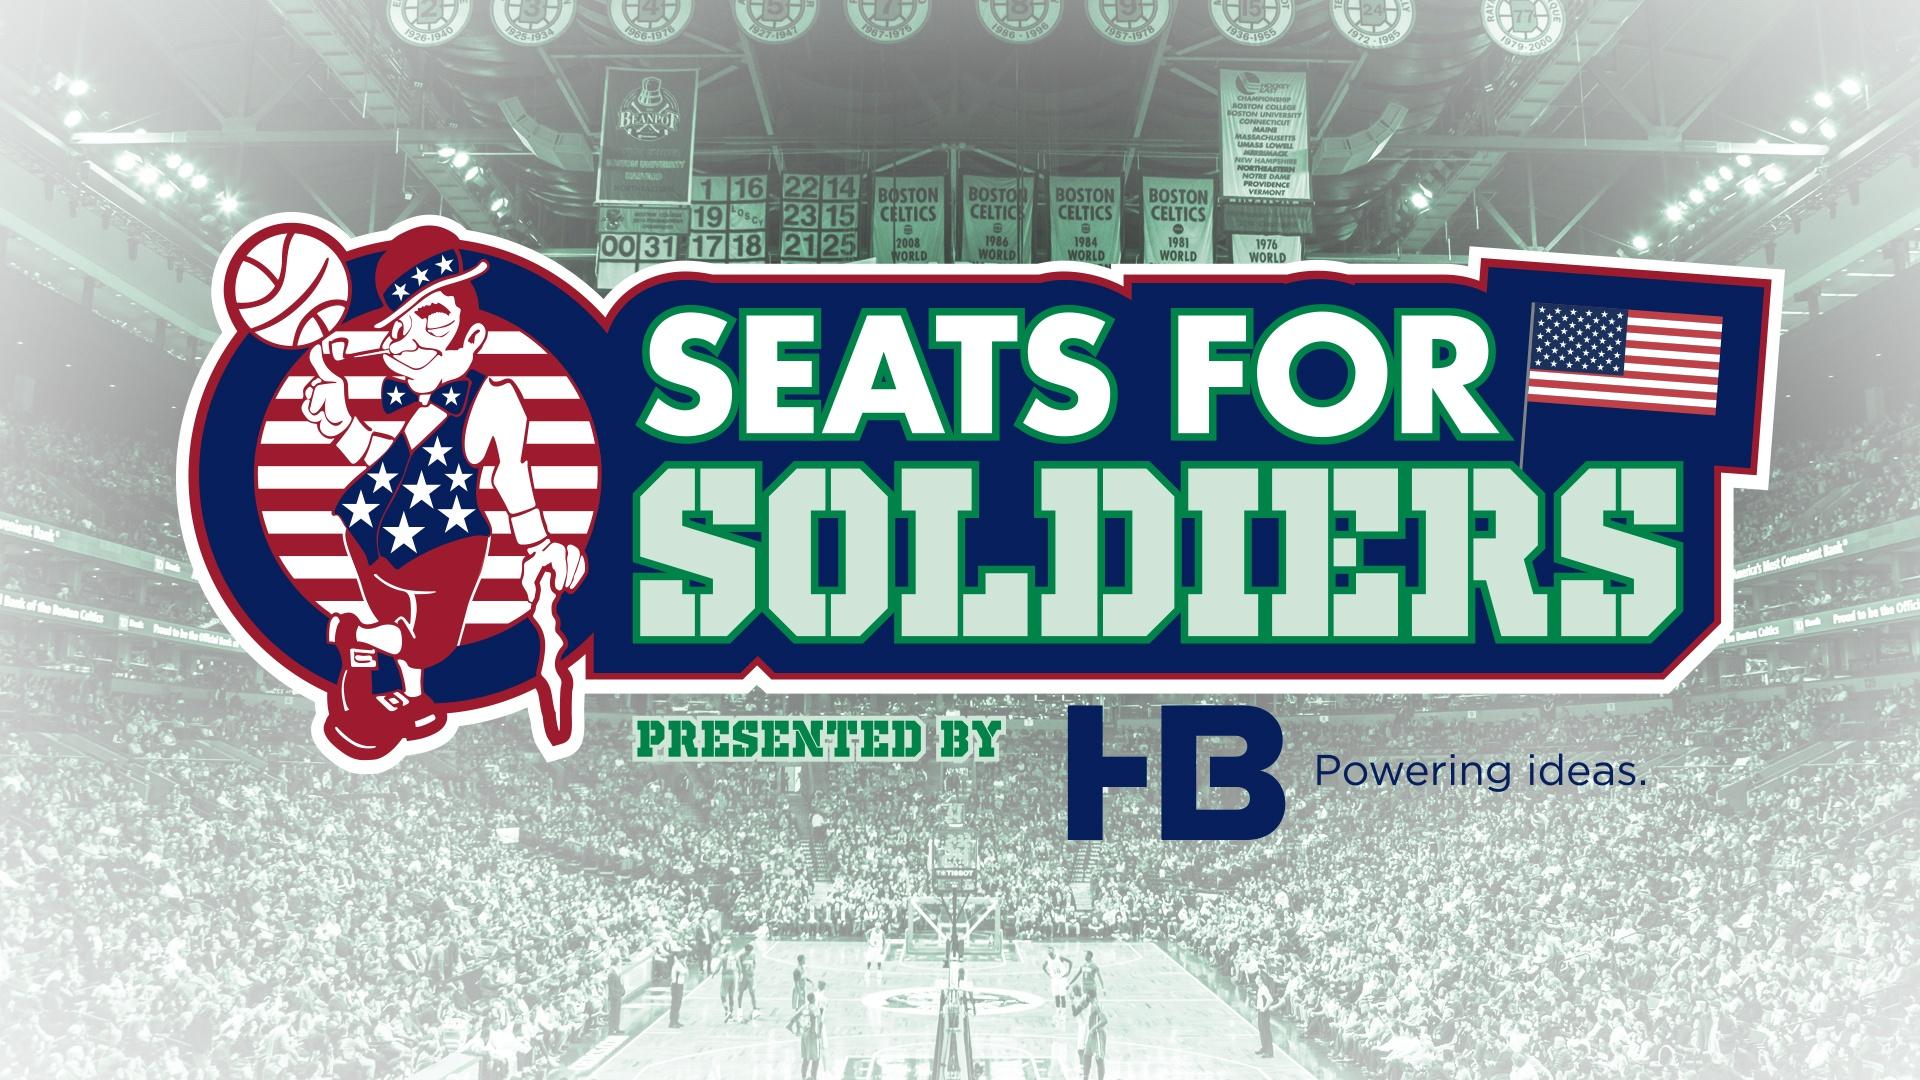 Celtics_SeatsForSoilders_Opening[2].jpg